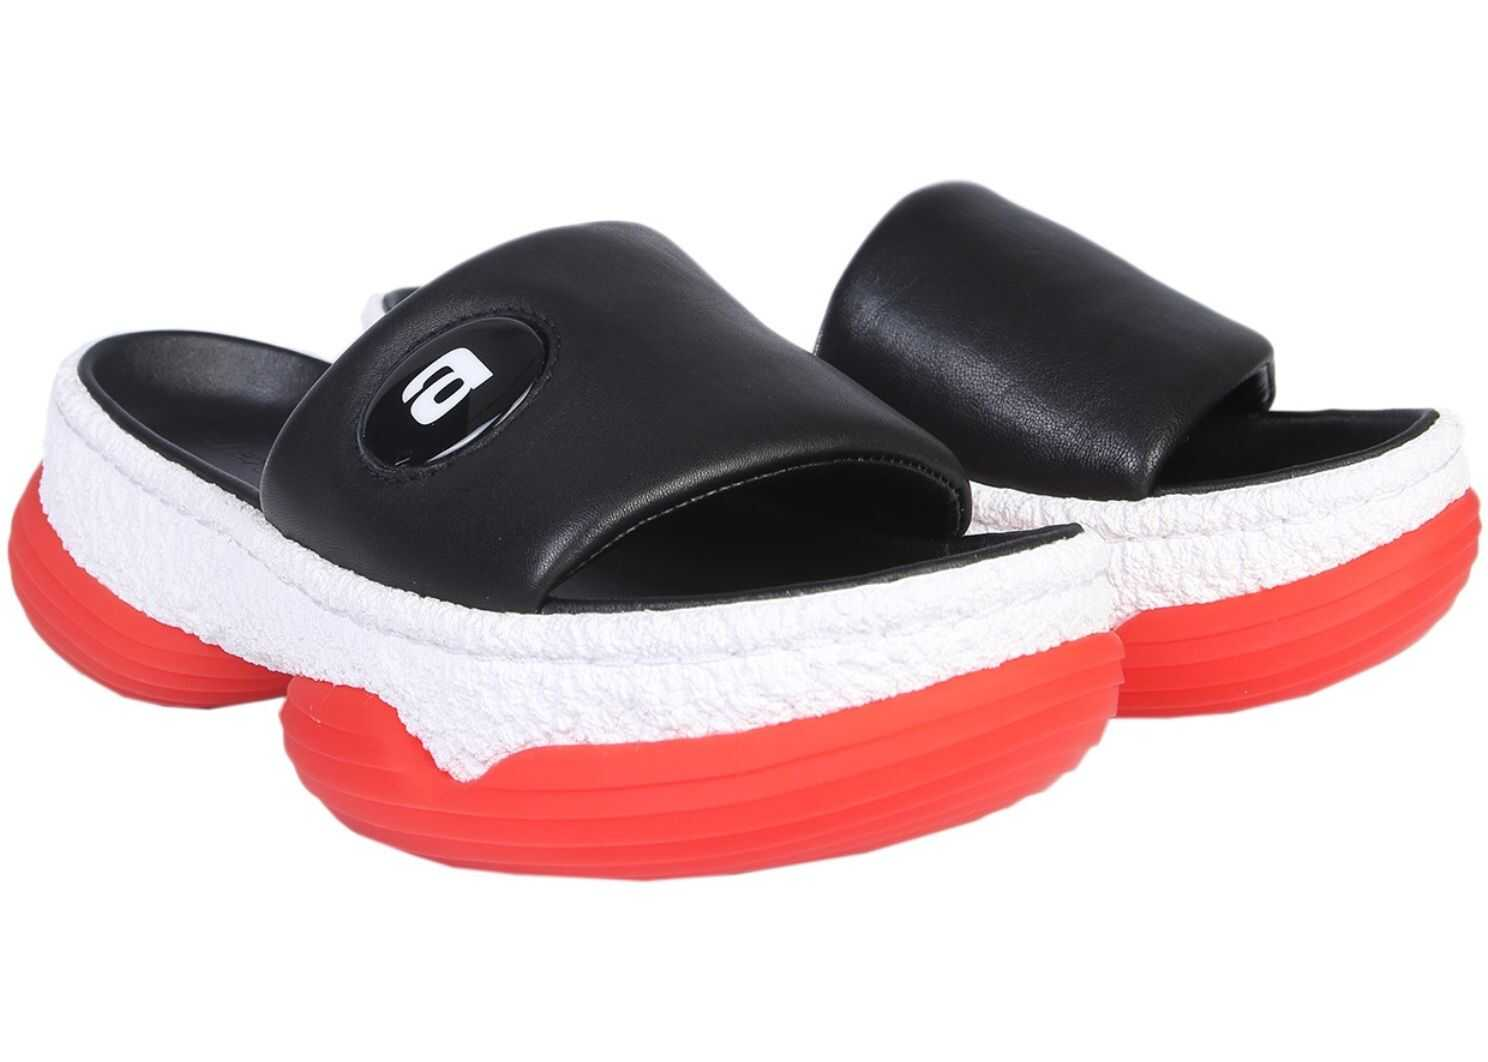 Alexander Wang A1 Slide Sandals BLACK